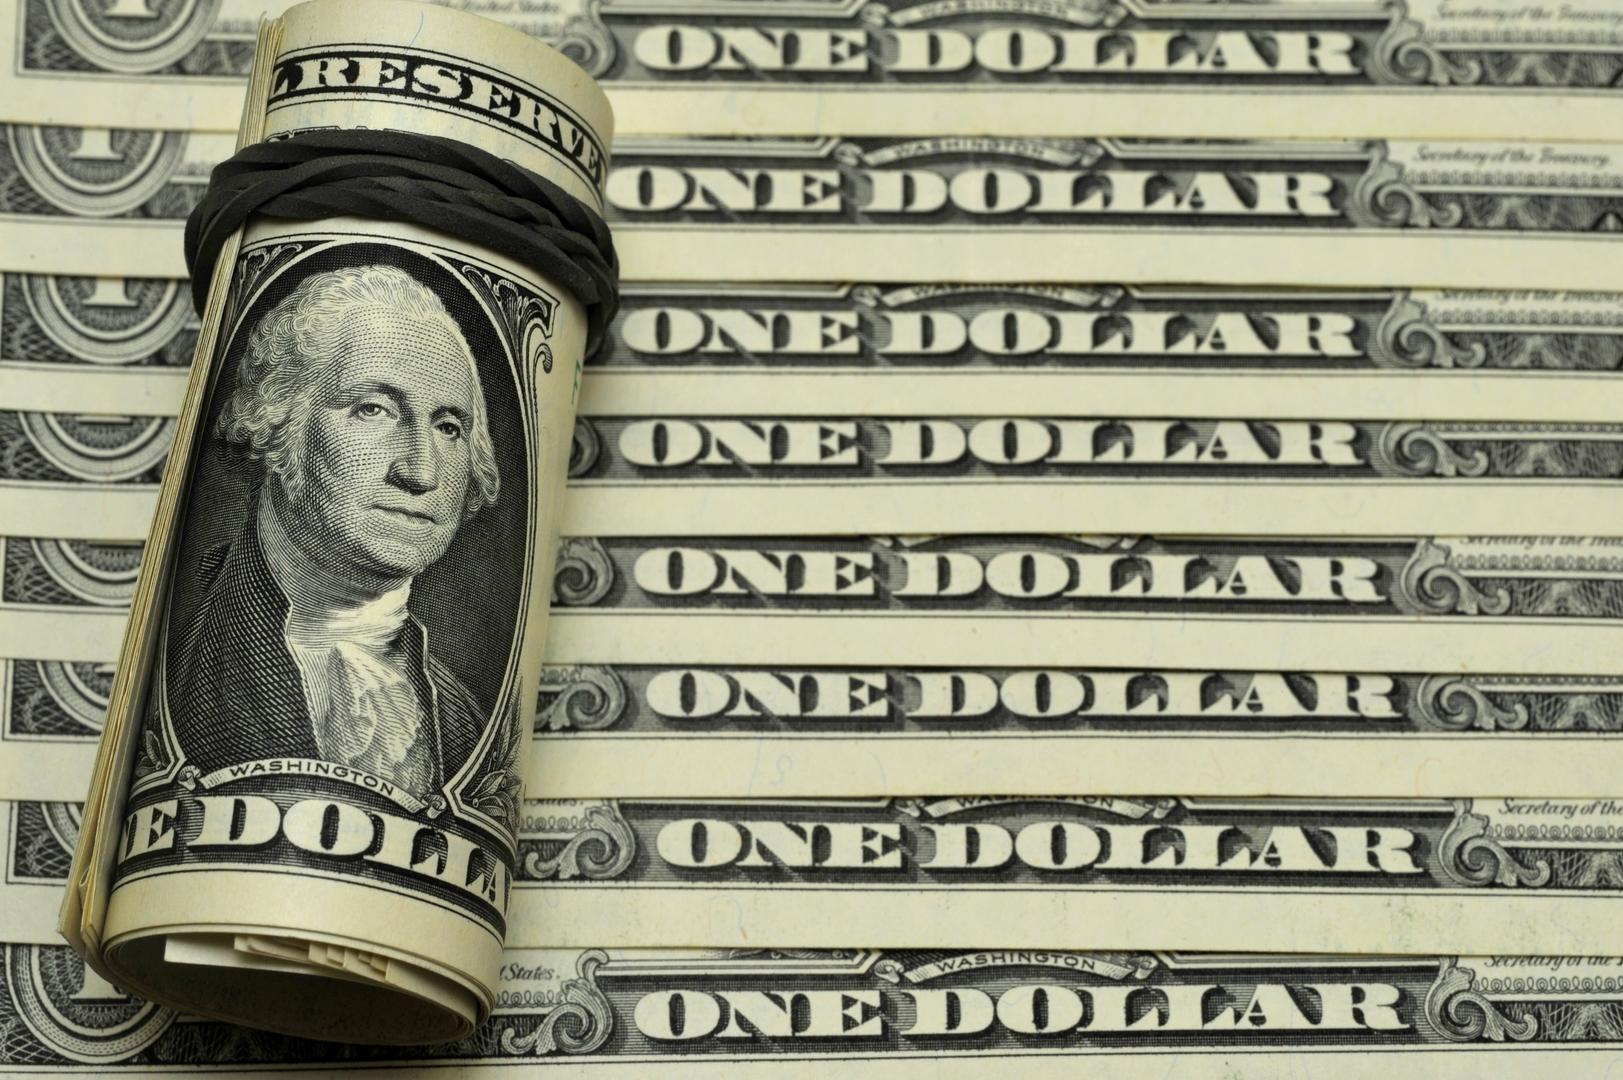 مكتب التحقيقات الأمريكي يلقي القبض على مواطن روسي بذريعة غسل الأموال